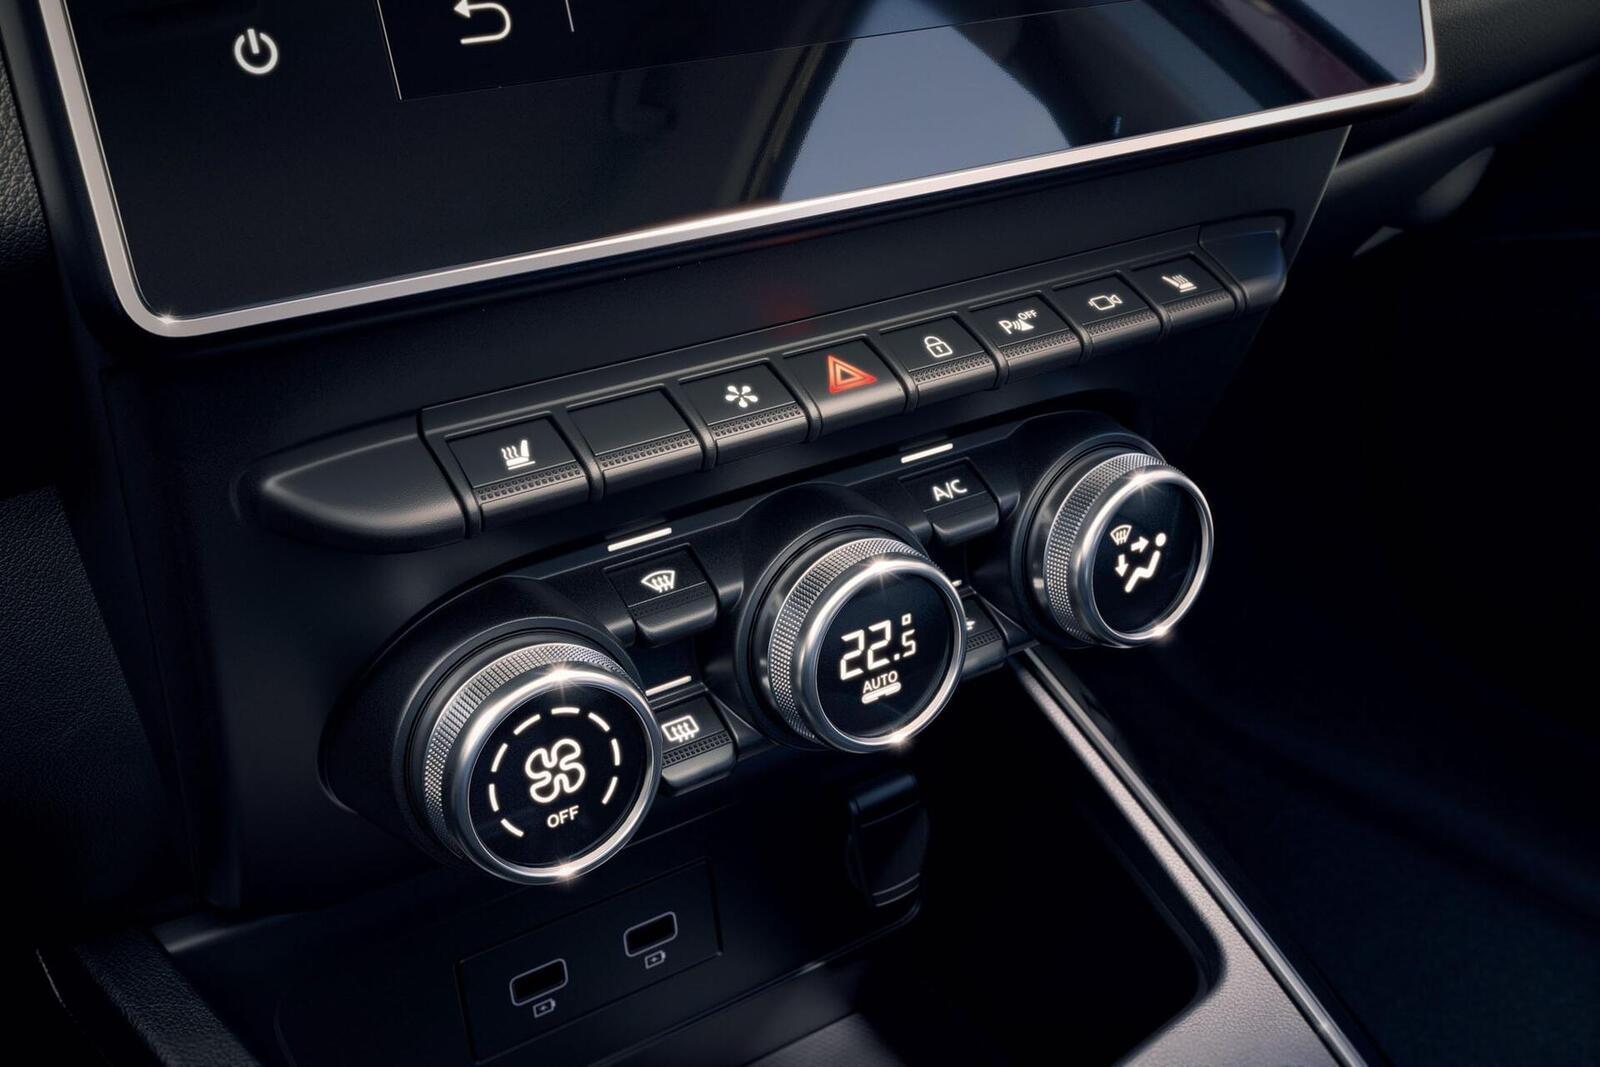 Renault giới thiệu Arkana mới: SUV Coupe mang thiết kế tương tự BMW X6 - Hình 12